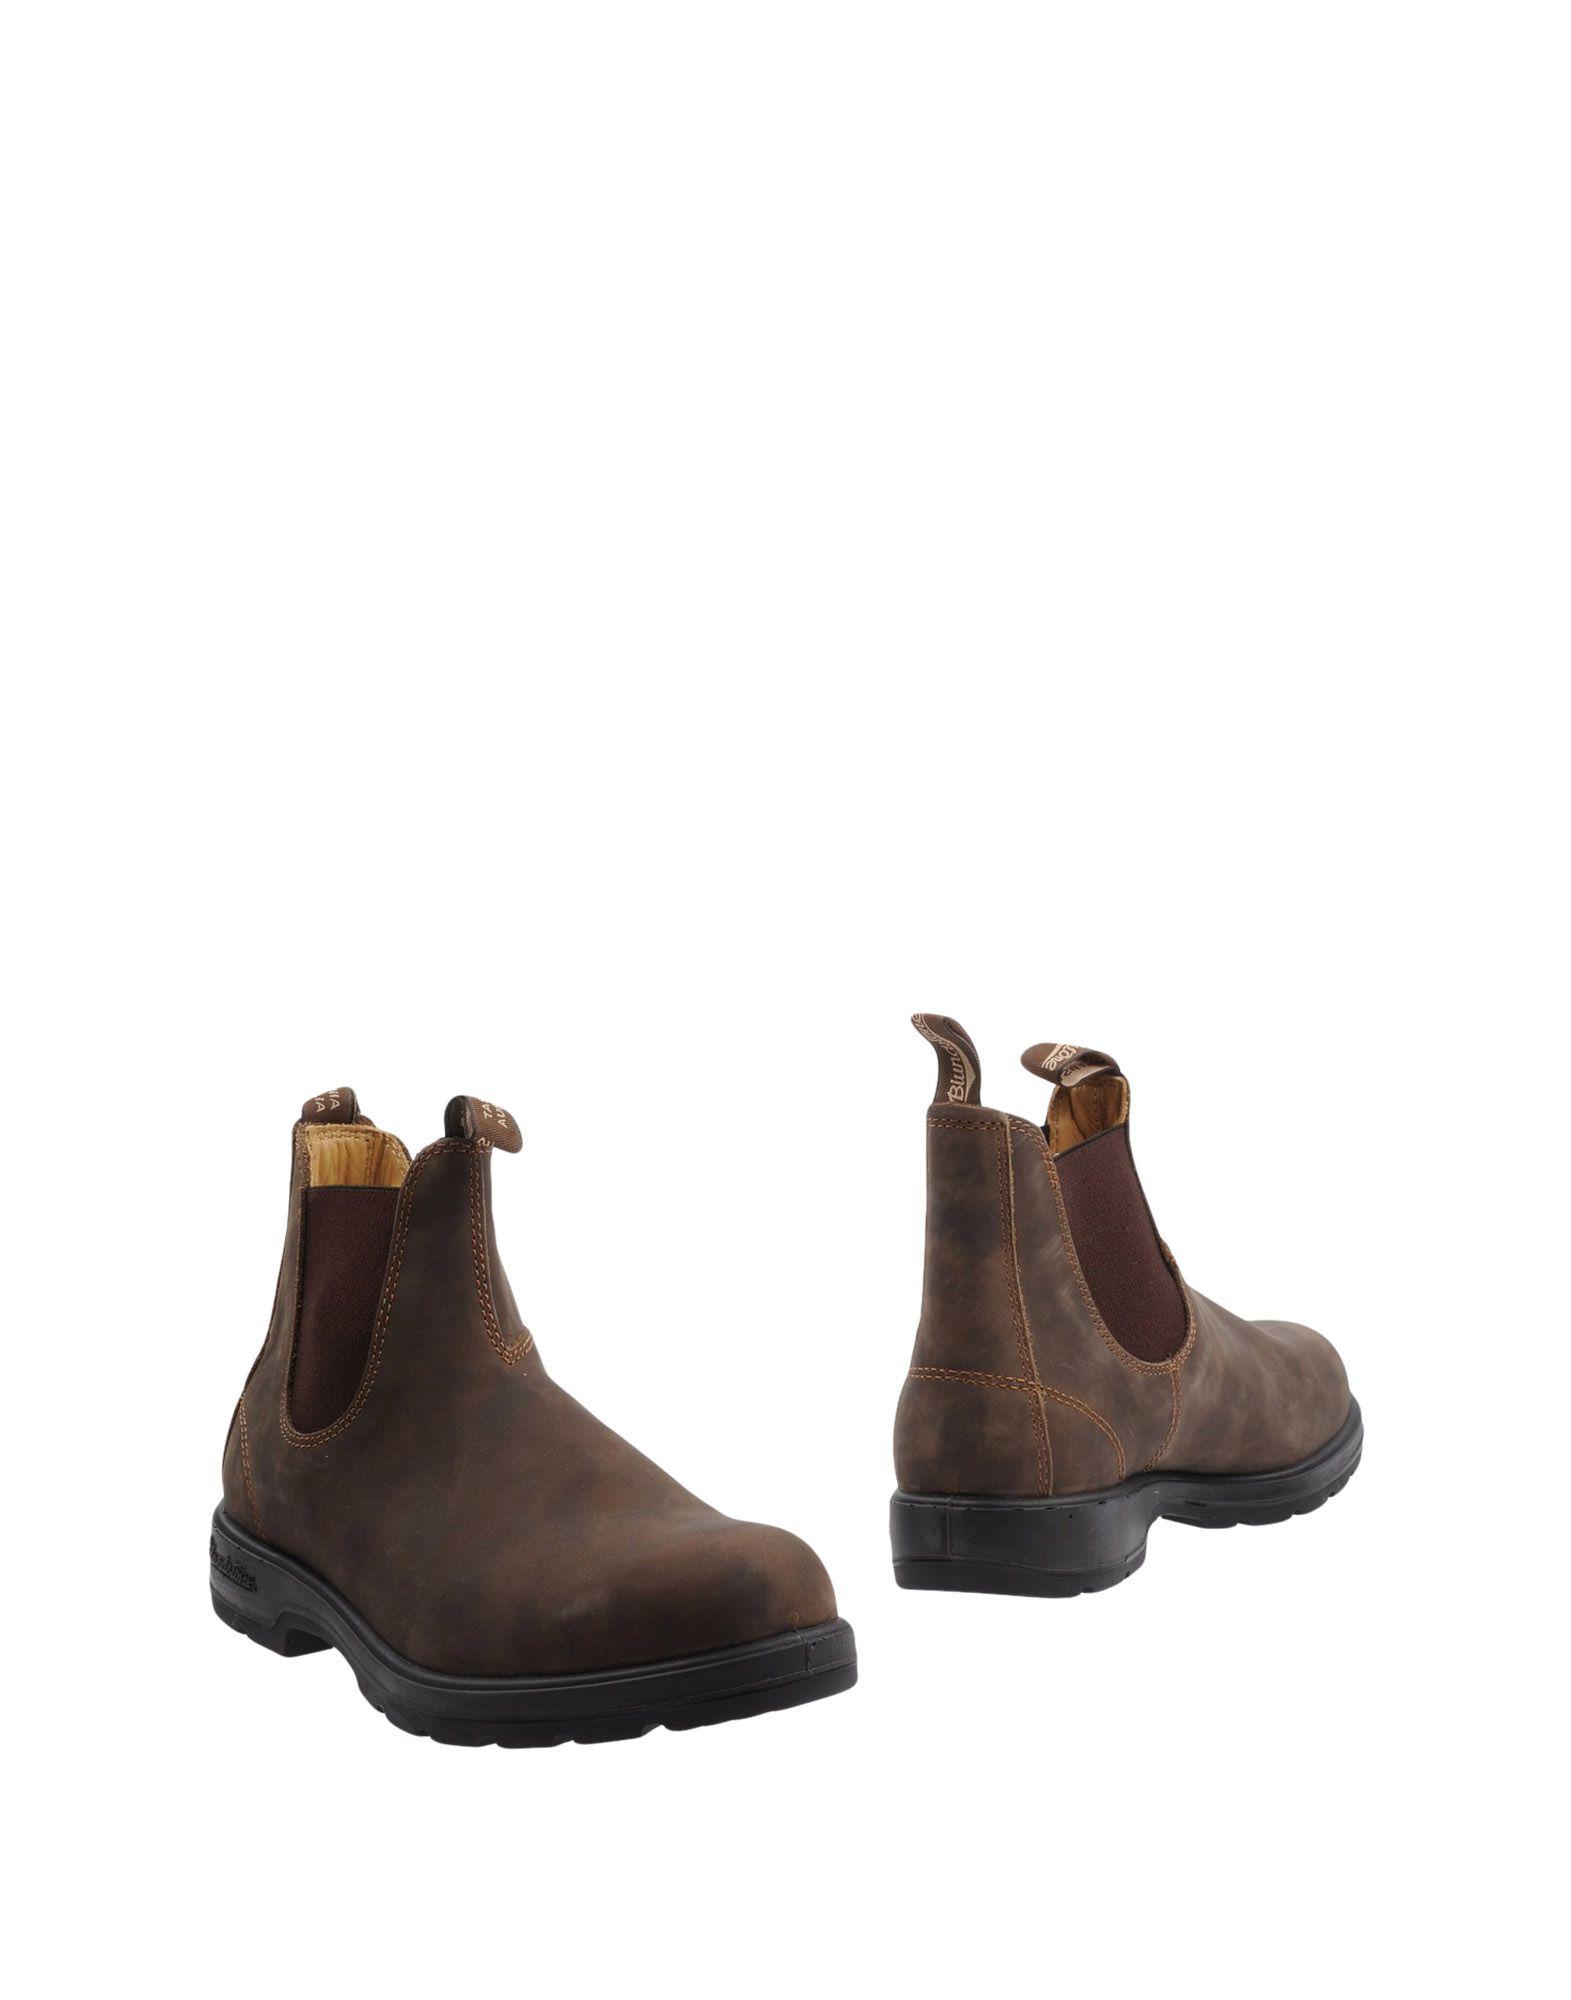 Blundstone Stiefelette Herren  11039523FU Gute Qualität beliebte Schuhe